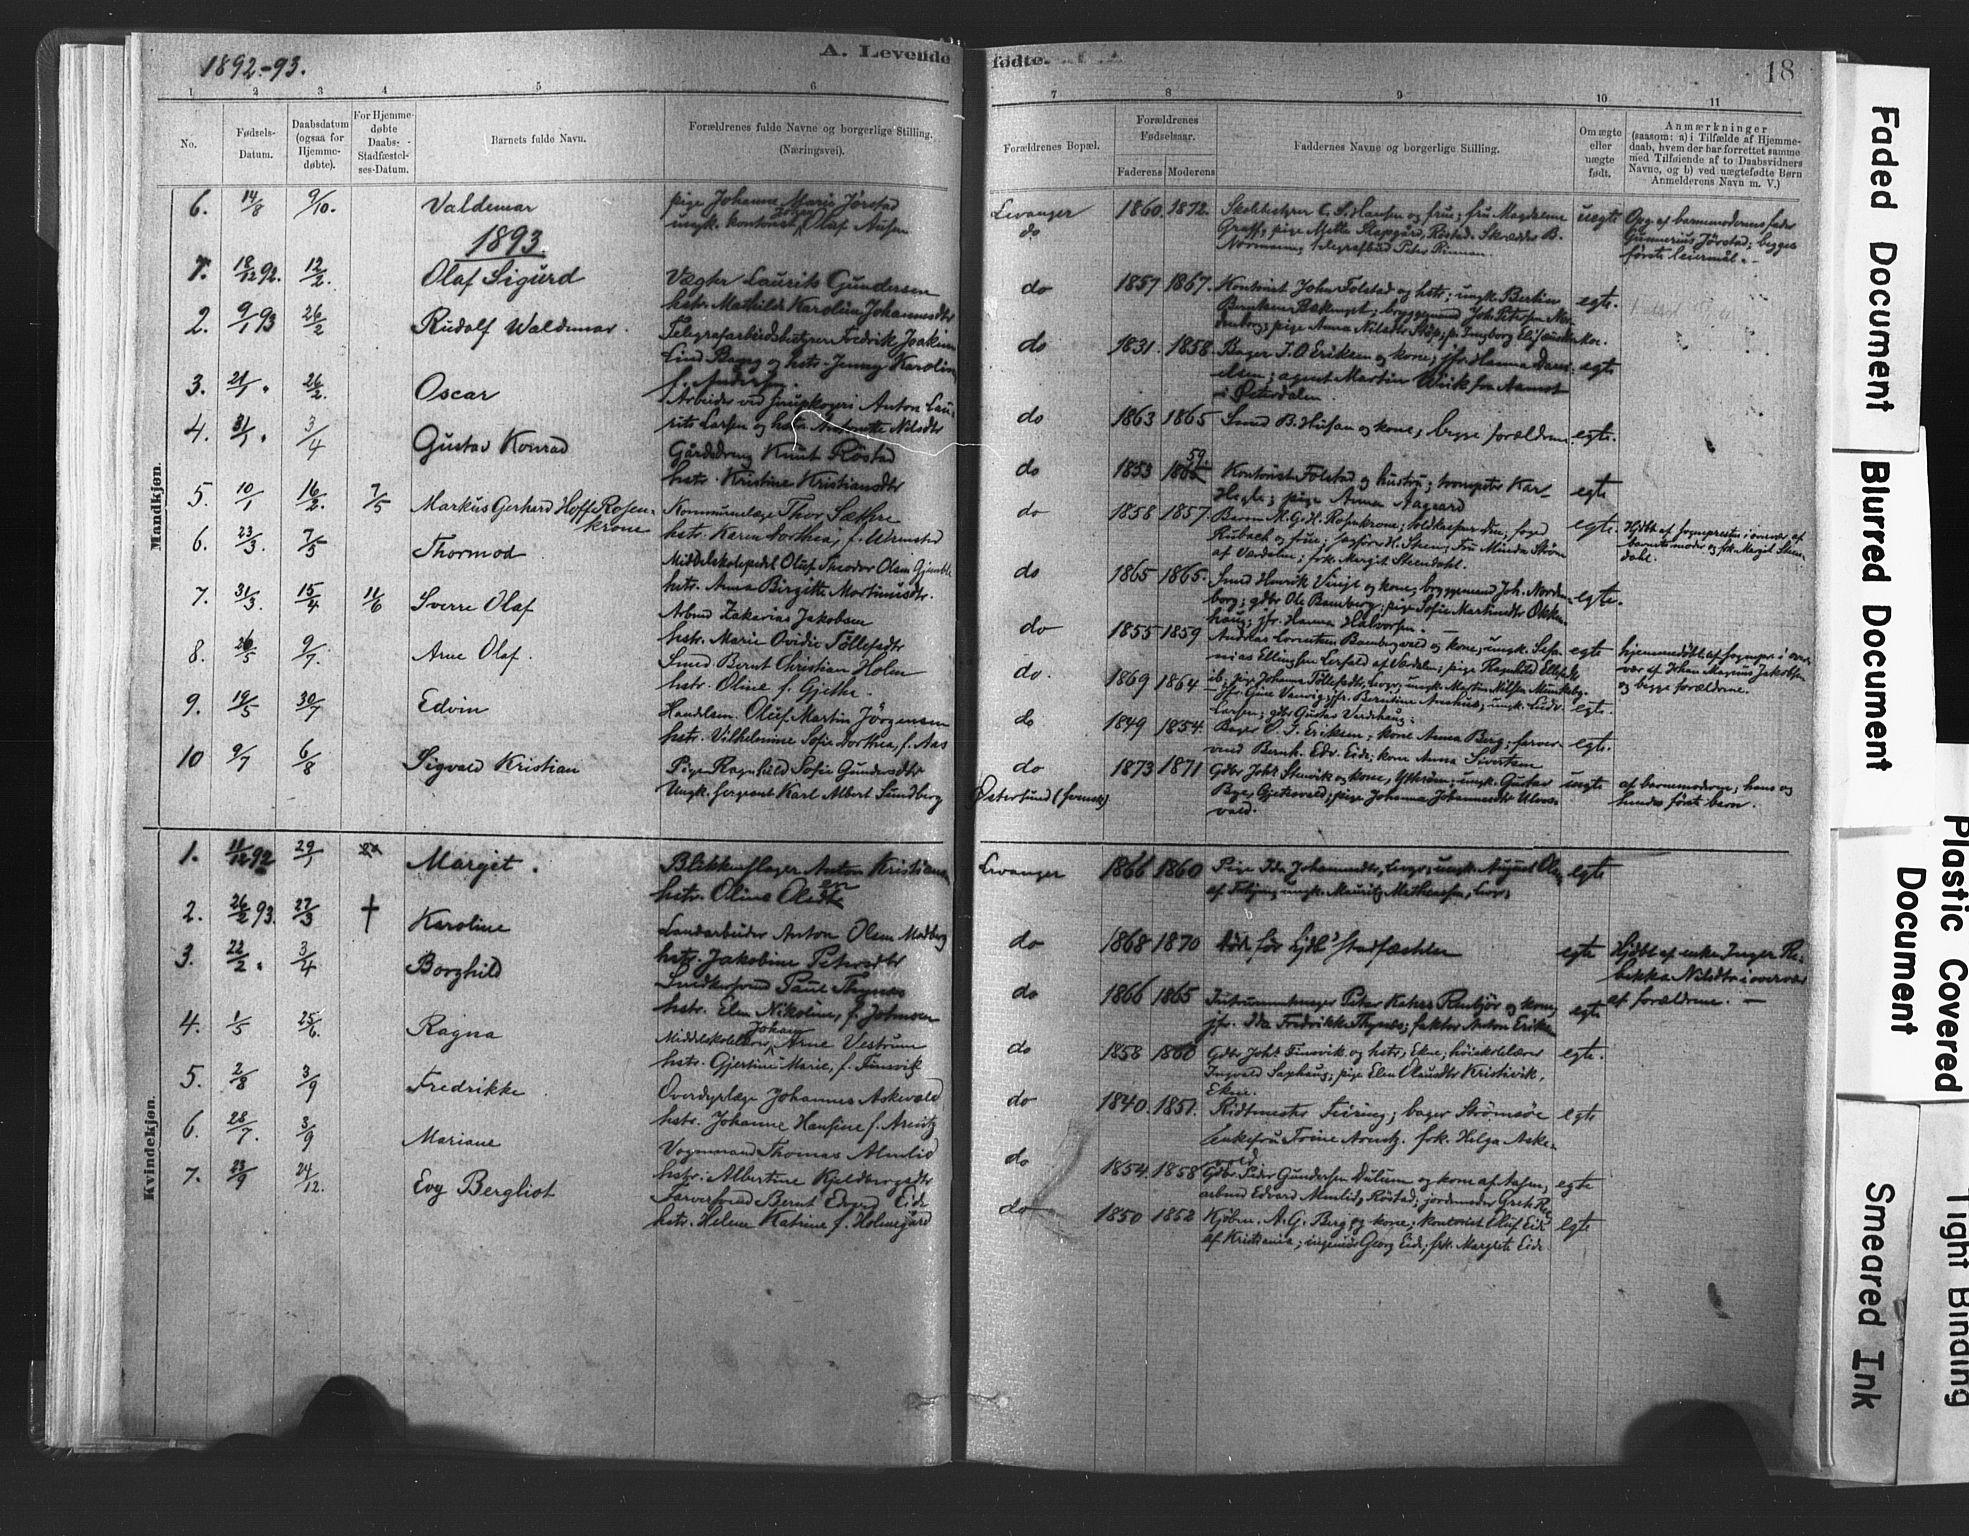 SAT, Ministerialprotokoller, klokkerbøker og fødselsregistre - Nord-Trøndelag, 720/L0189: Ministerialbok nr. 720A05, 1880-1911, s. 18